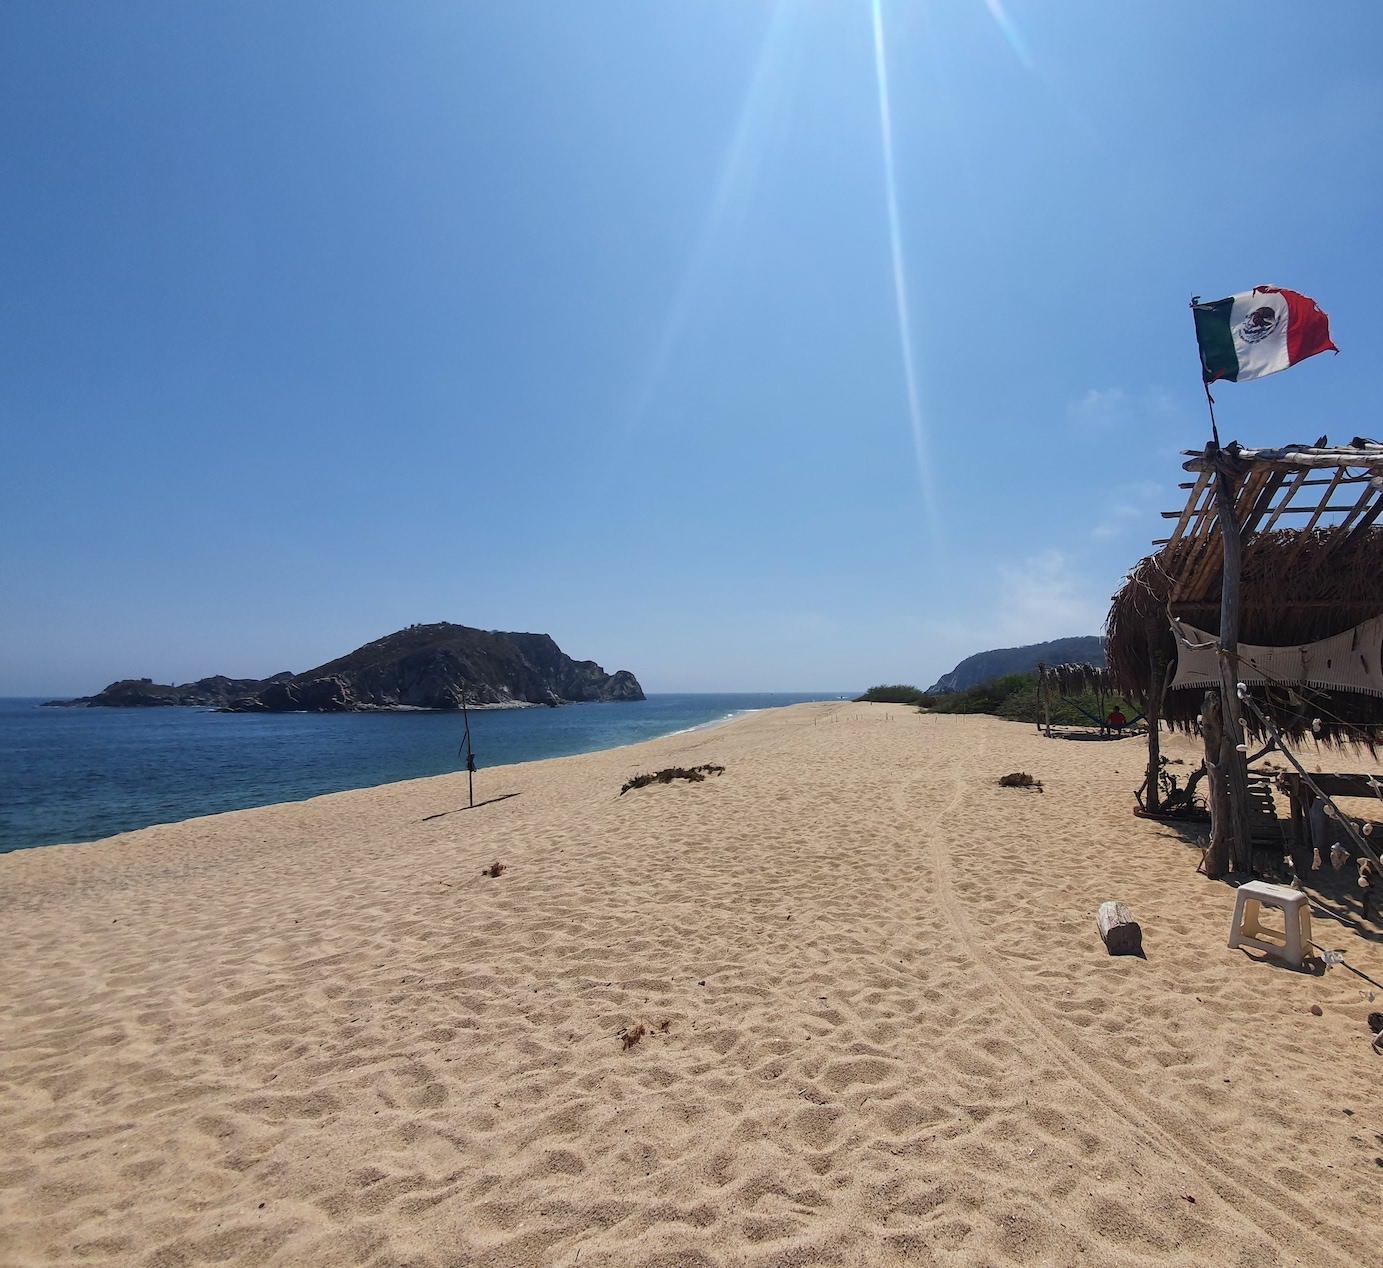 Mexico Bahias de Huatulco Oaxaca 3